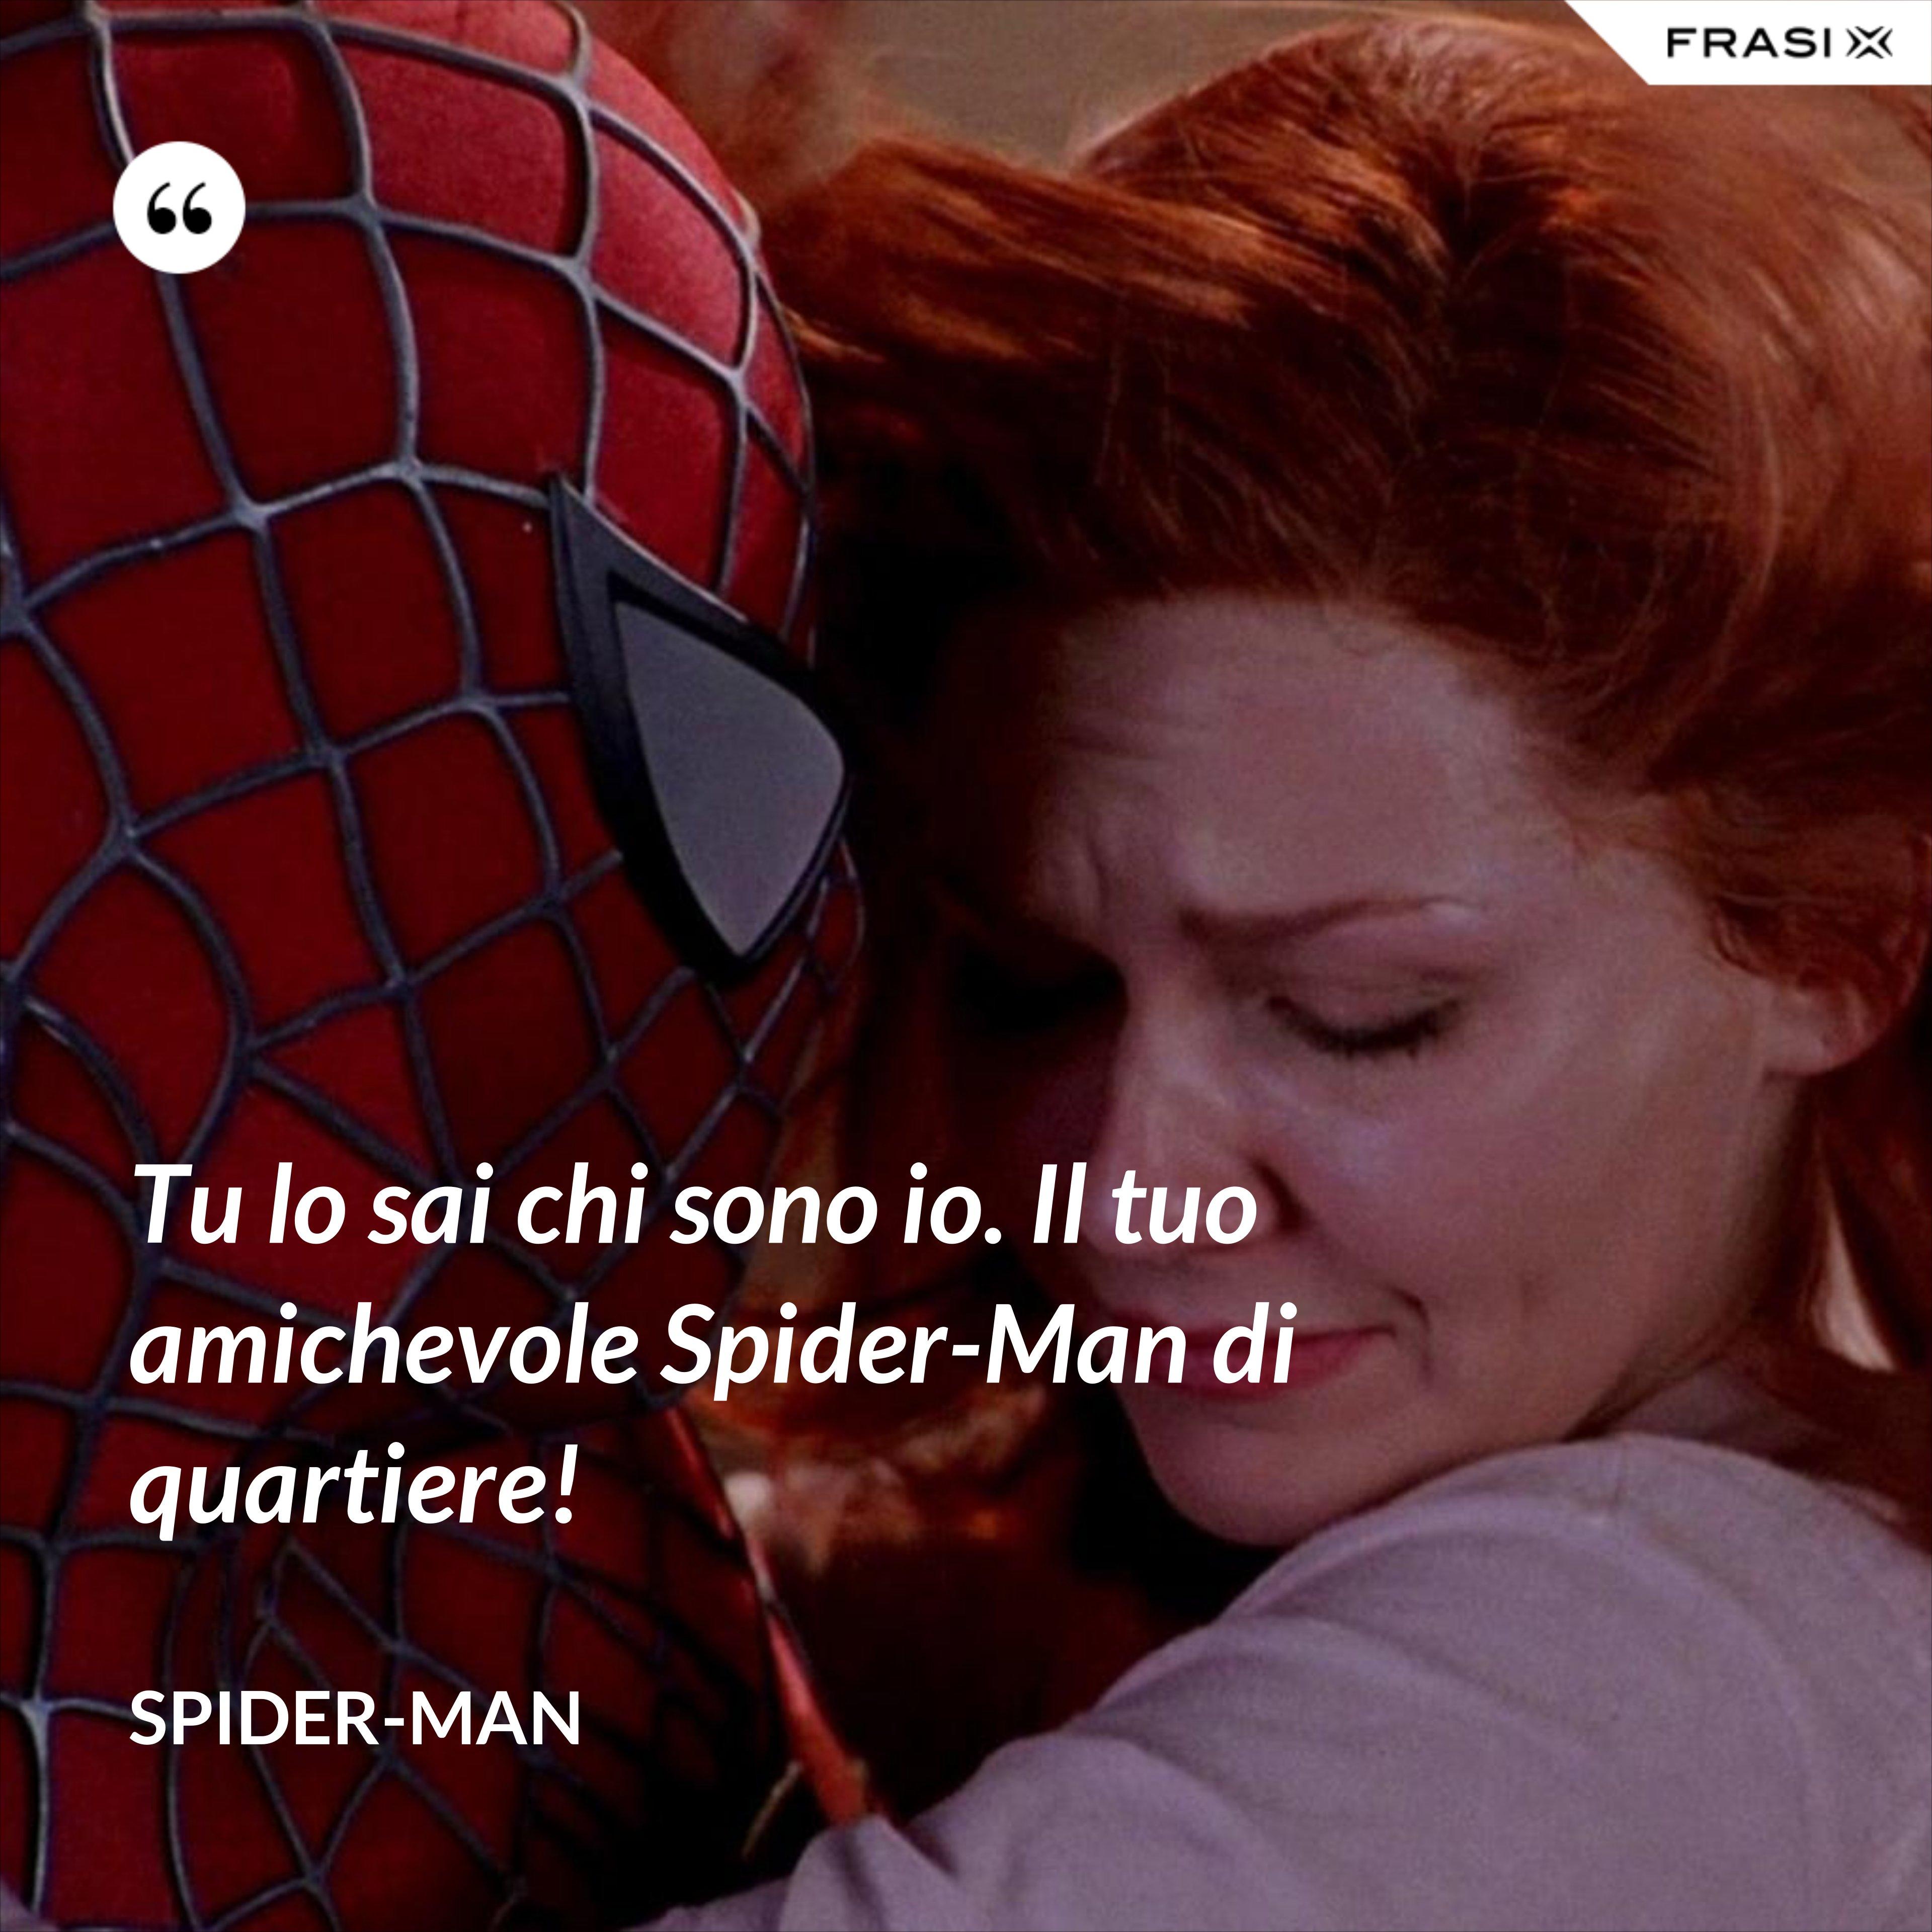 Tu lo sai chi sono io. Il tuo amichevole Spider-Man di quartiere! - Spider-Man